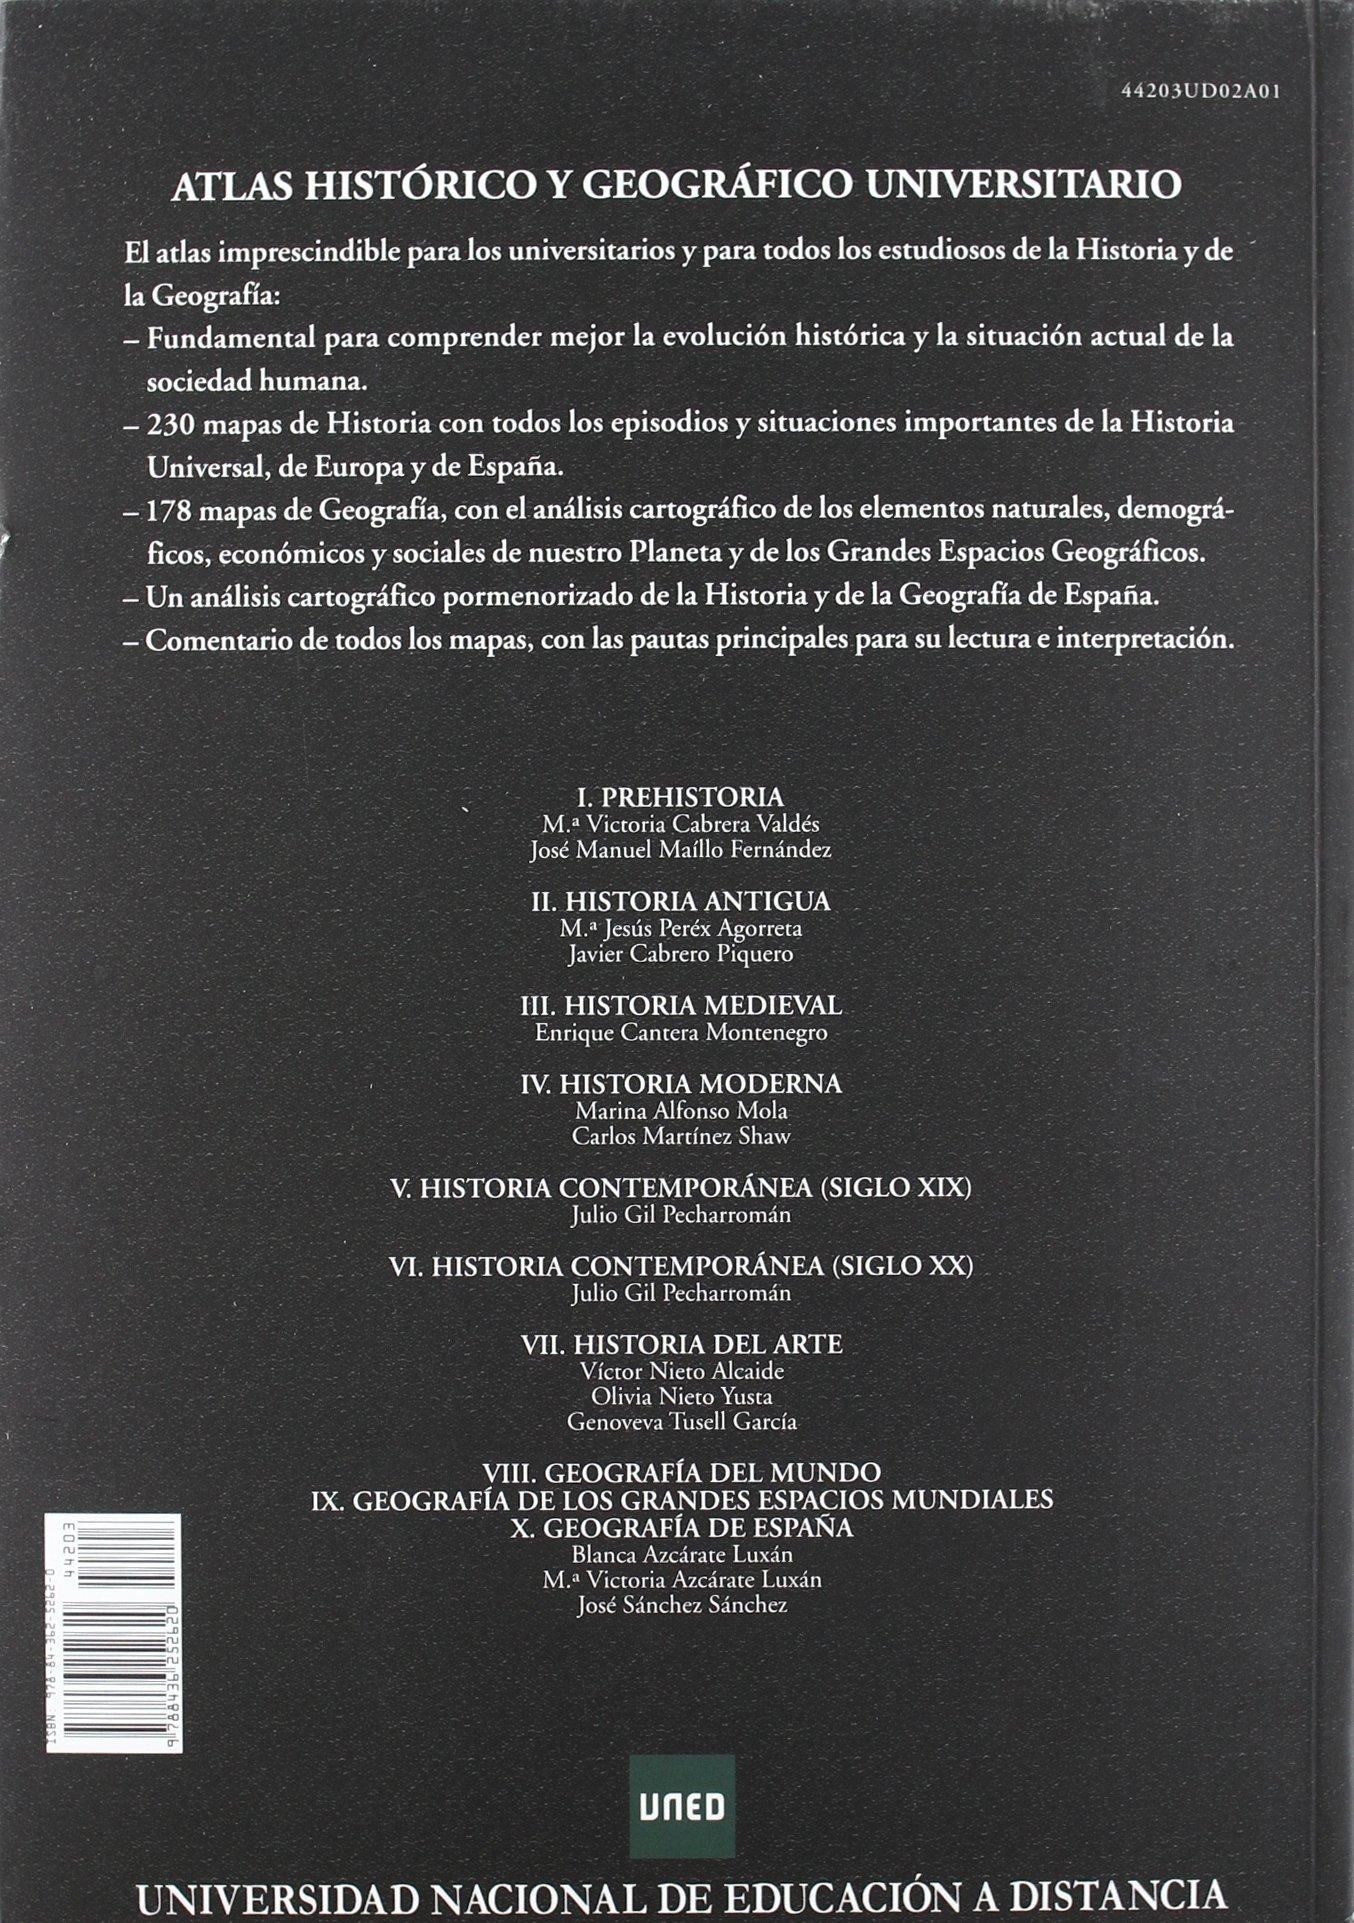 Atlas histórico y geográfico universitario UNIDAD DIDÁCTICA: Amazon.es: Azcárate Luxán, Blanca, Azcárate Luxán, M.ª Victoria, Sánchez Sánchez, José: Libros